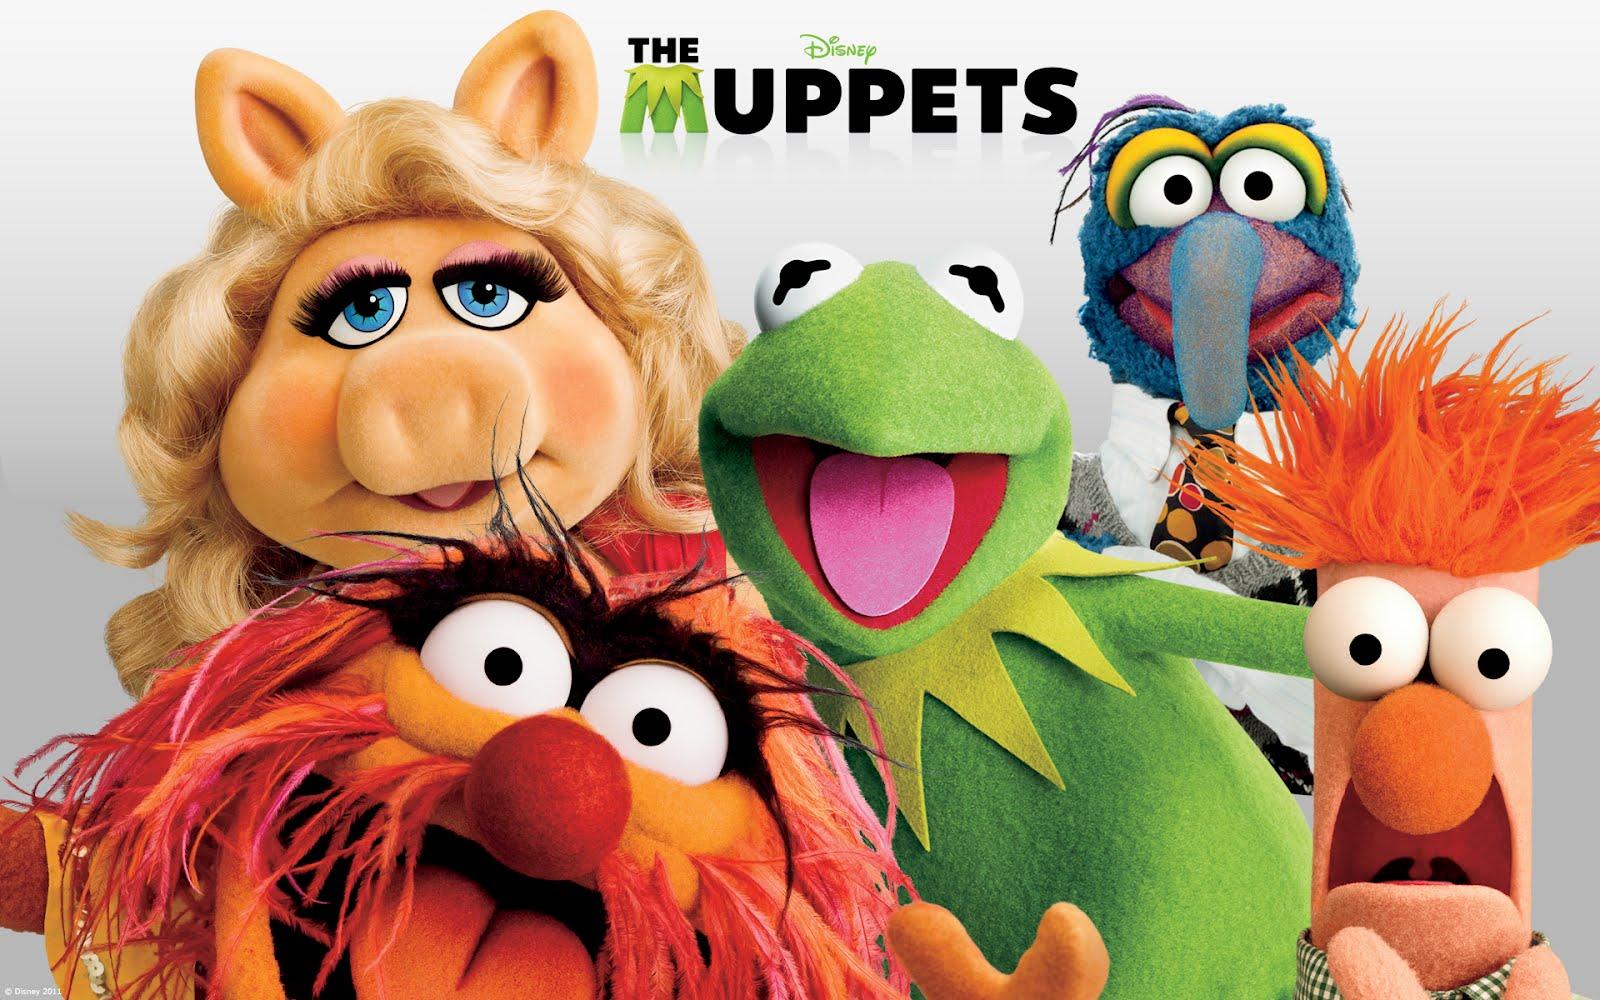 http://2.bp.blogspot.com/-gqb2eRq6GUs/Tz6omQEkhaI/AAAAAAAAFK0/dYSdj78snIU/s1600/Muppets_Wallpapers_1920x1200_5CharGroup.jpg